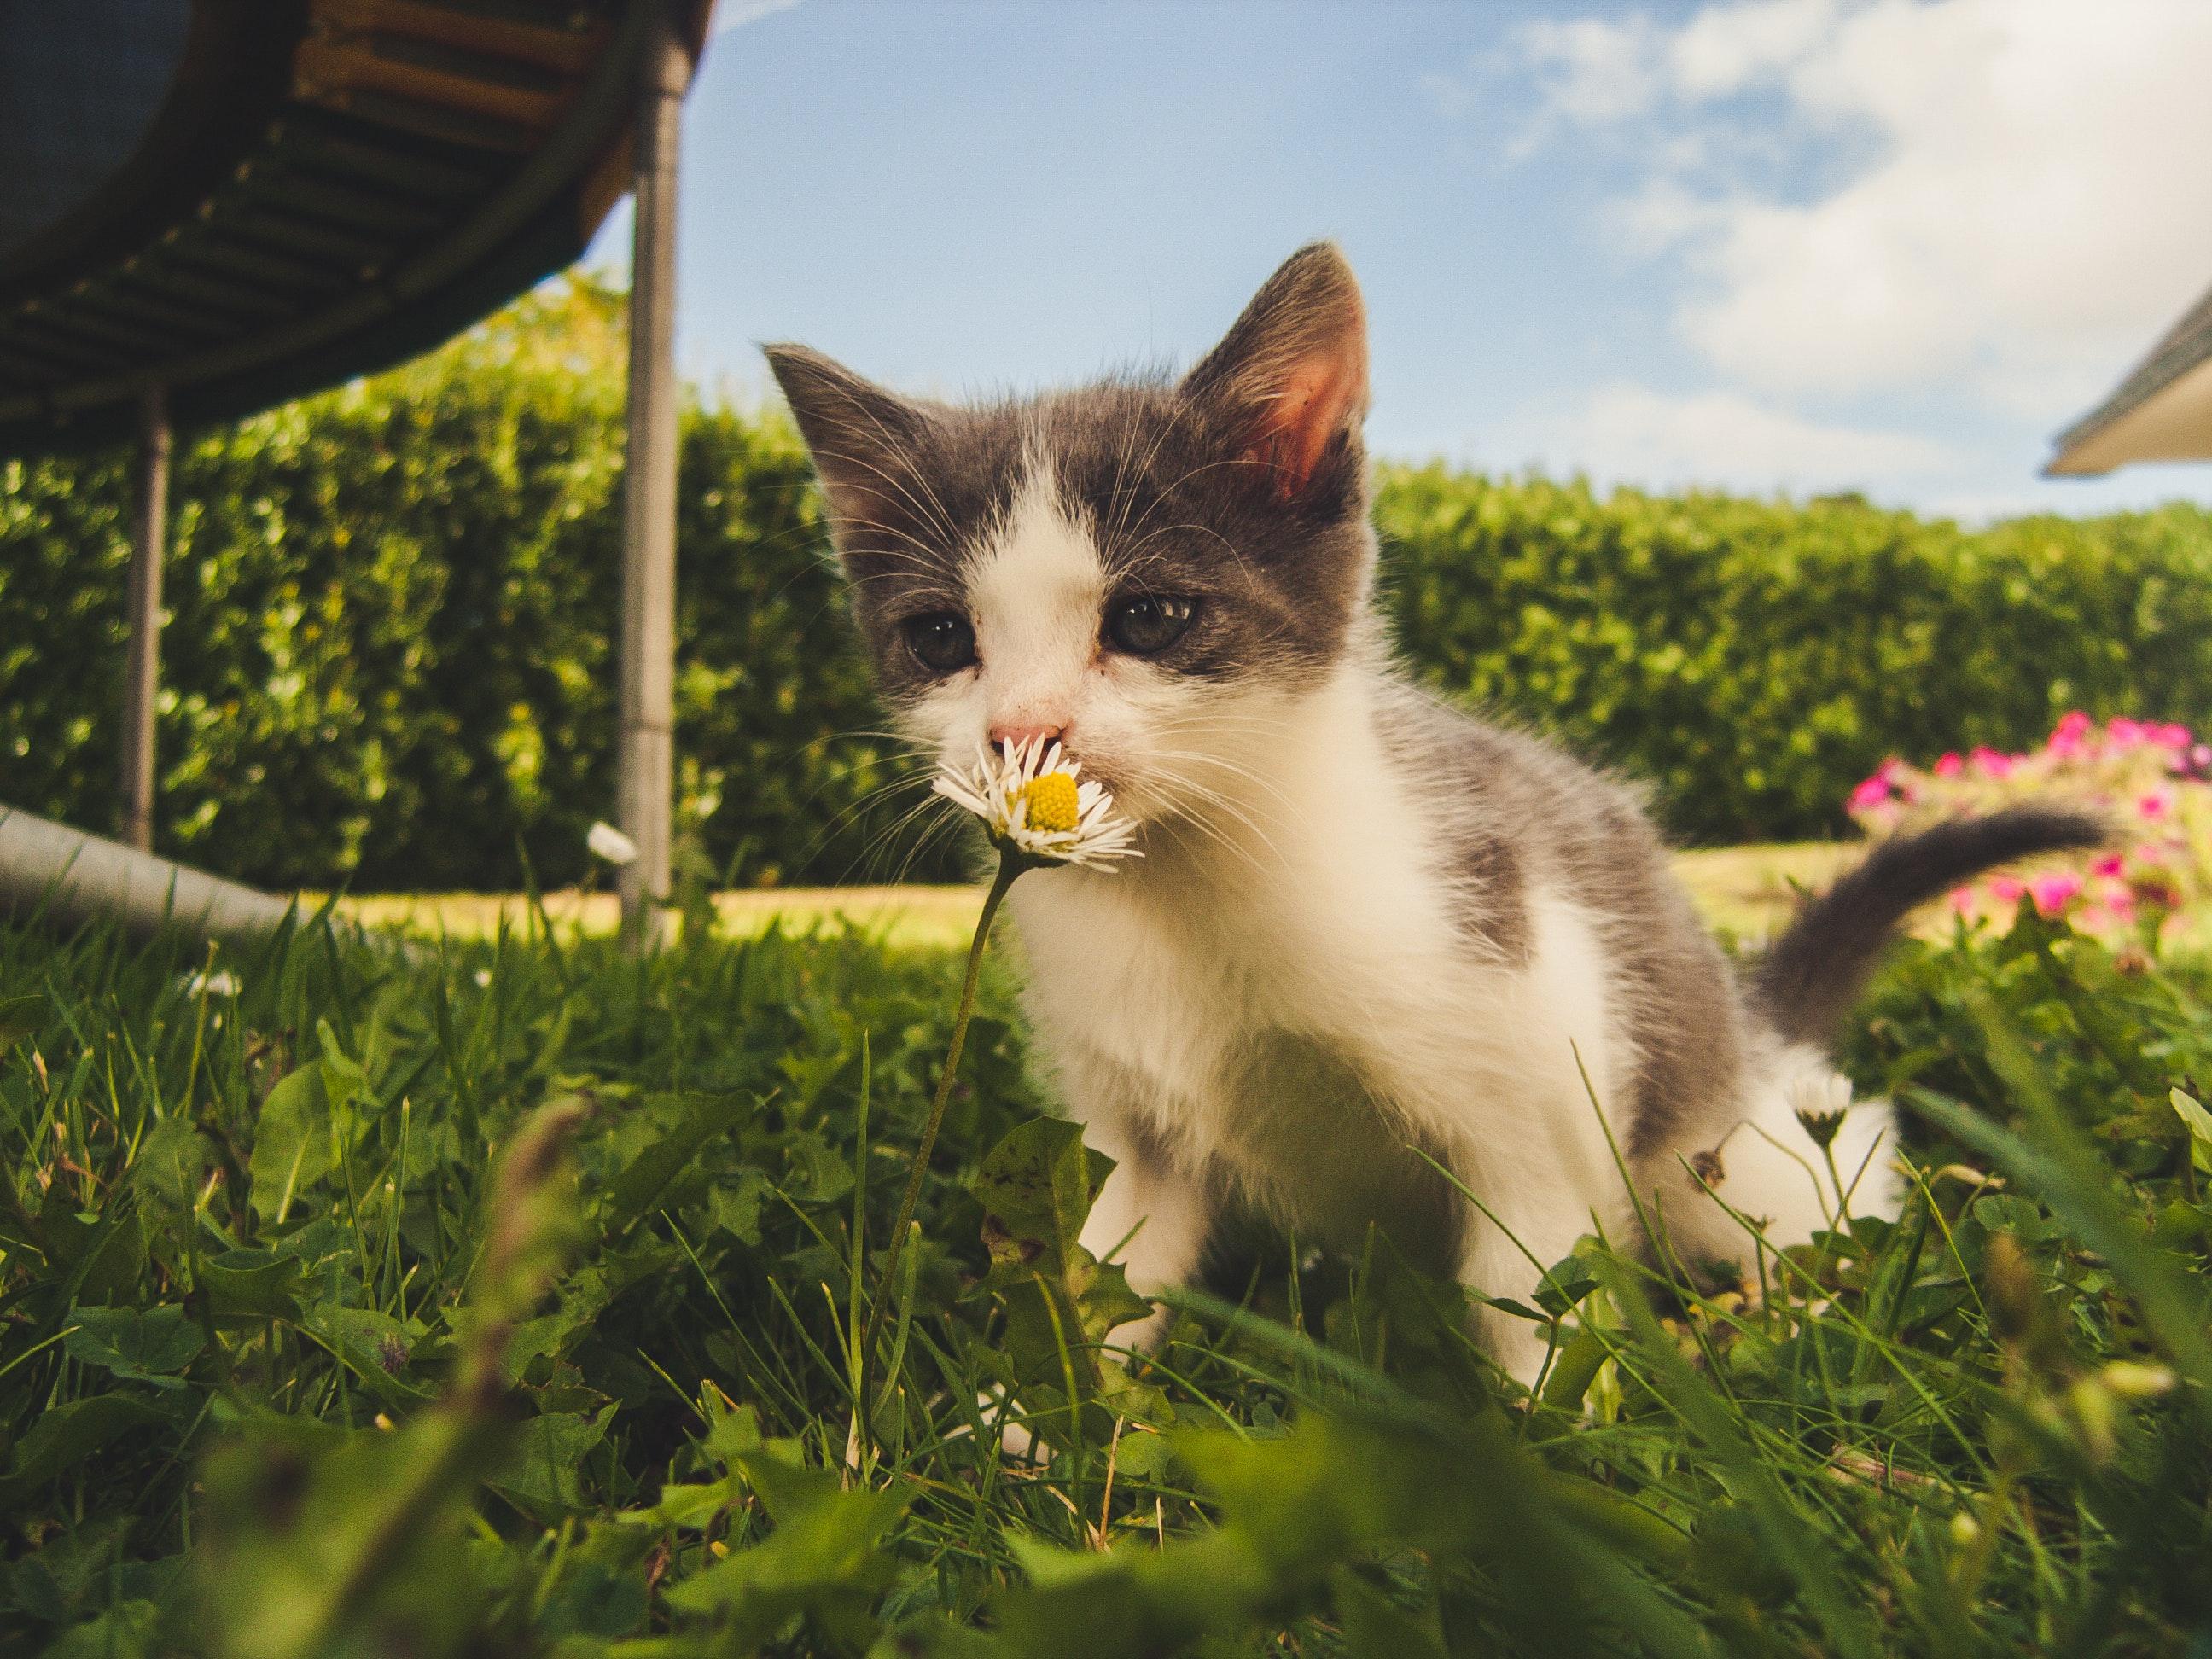 sommerhuskat